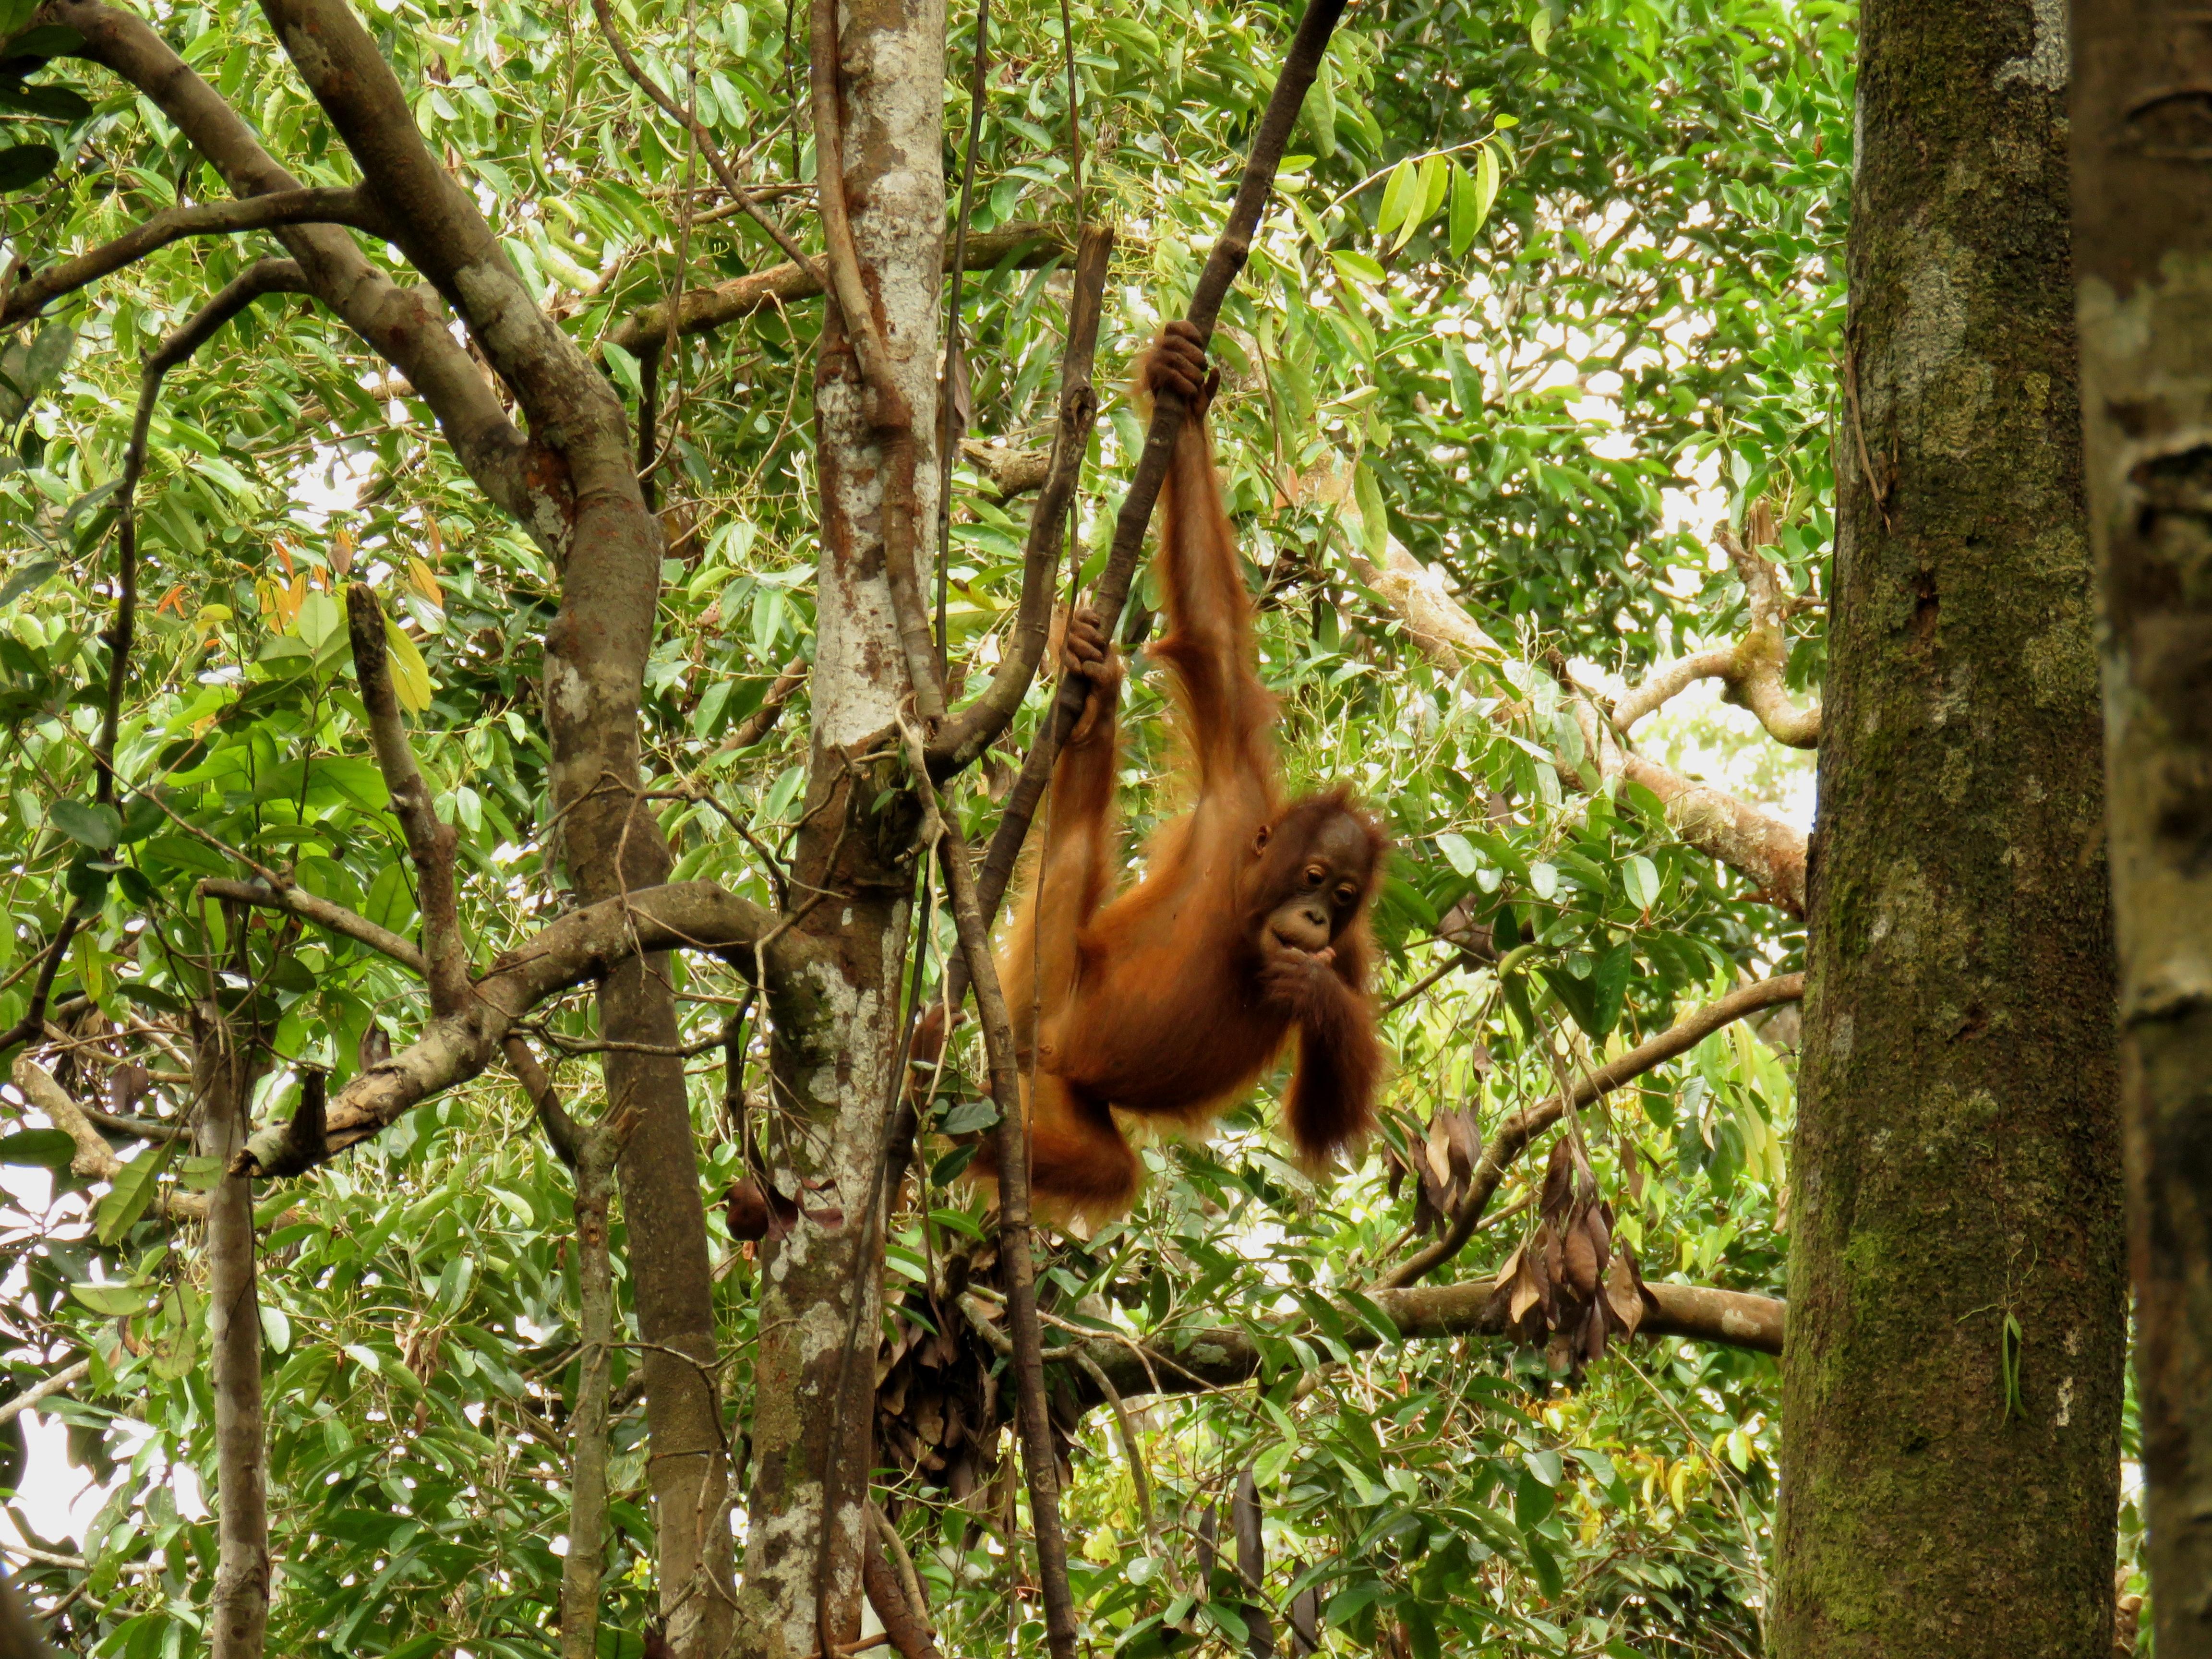 Adolescent Orangutan7